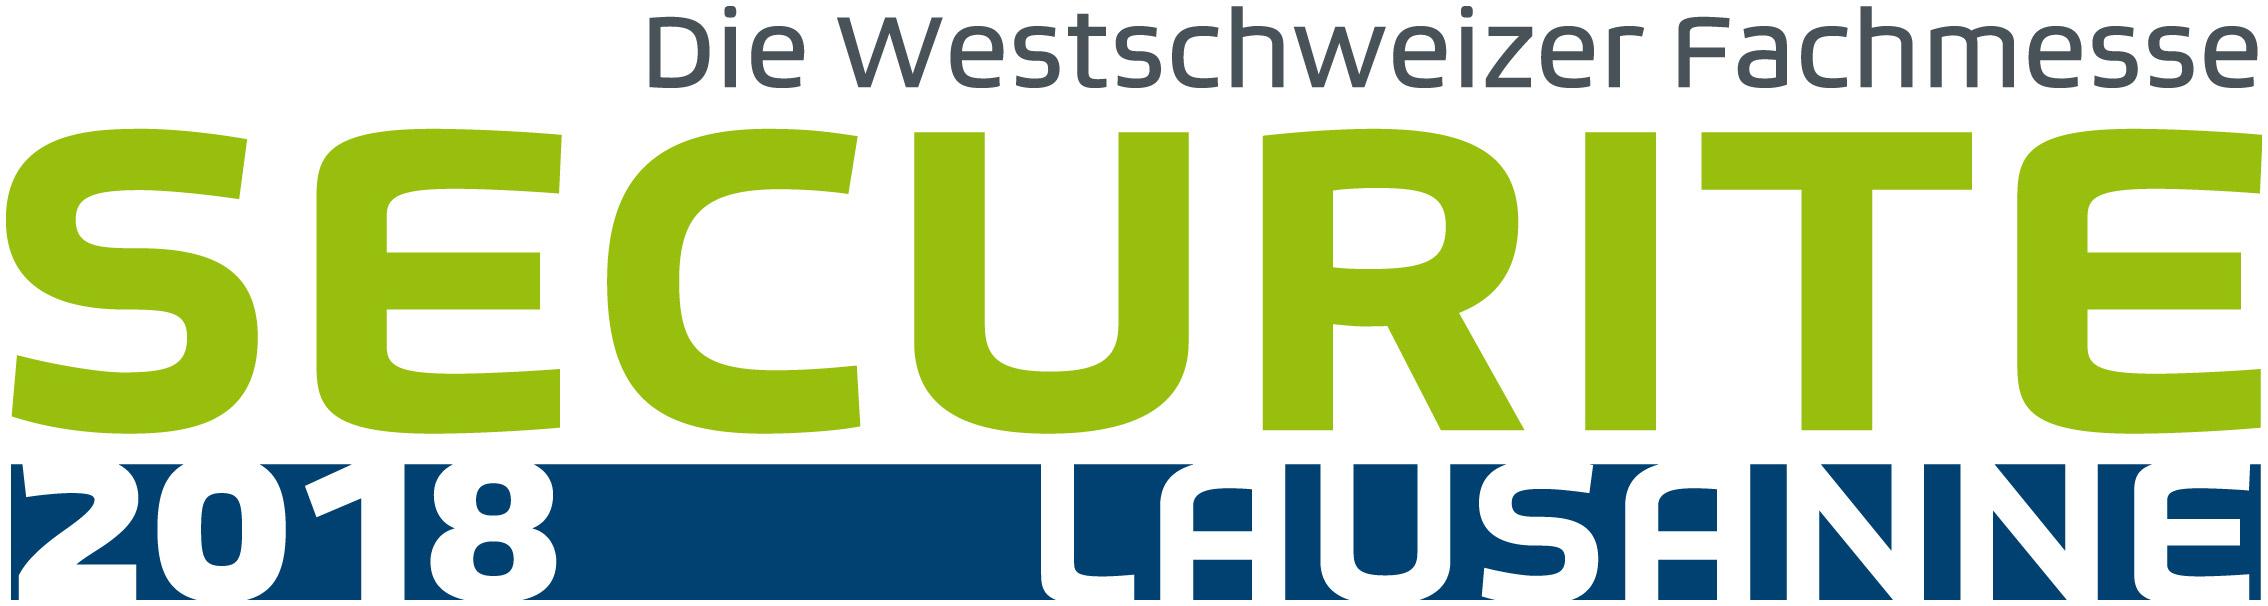 Logo - SICHERHEIT_2017_logo_jpg_franz